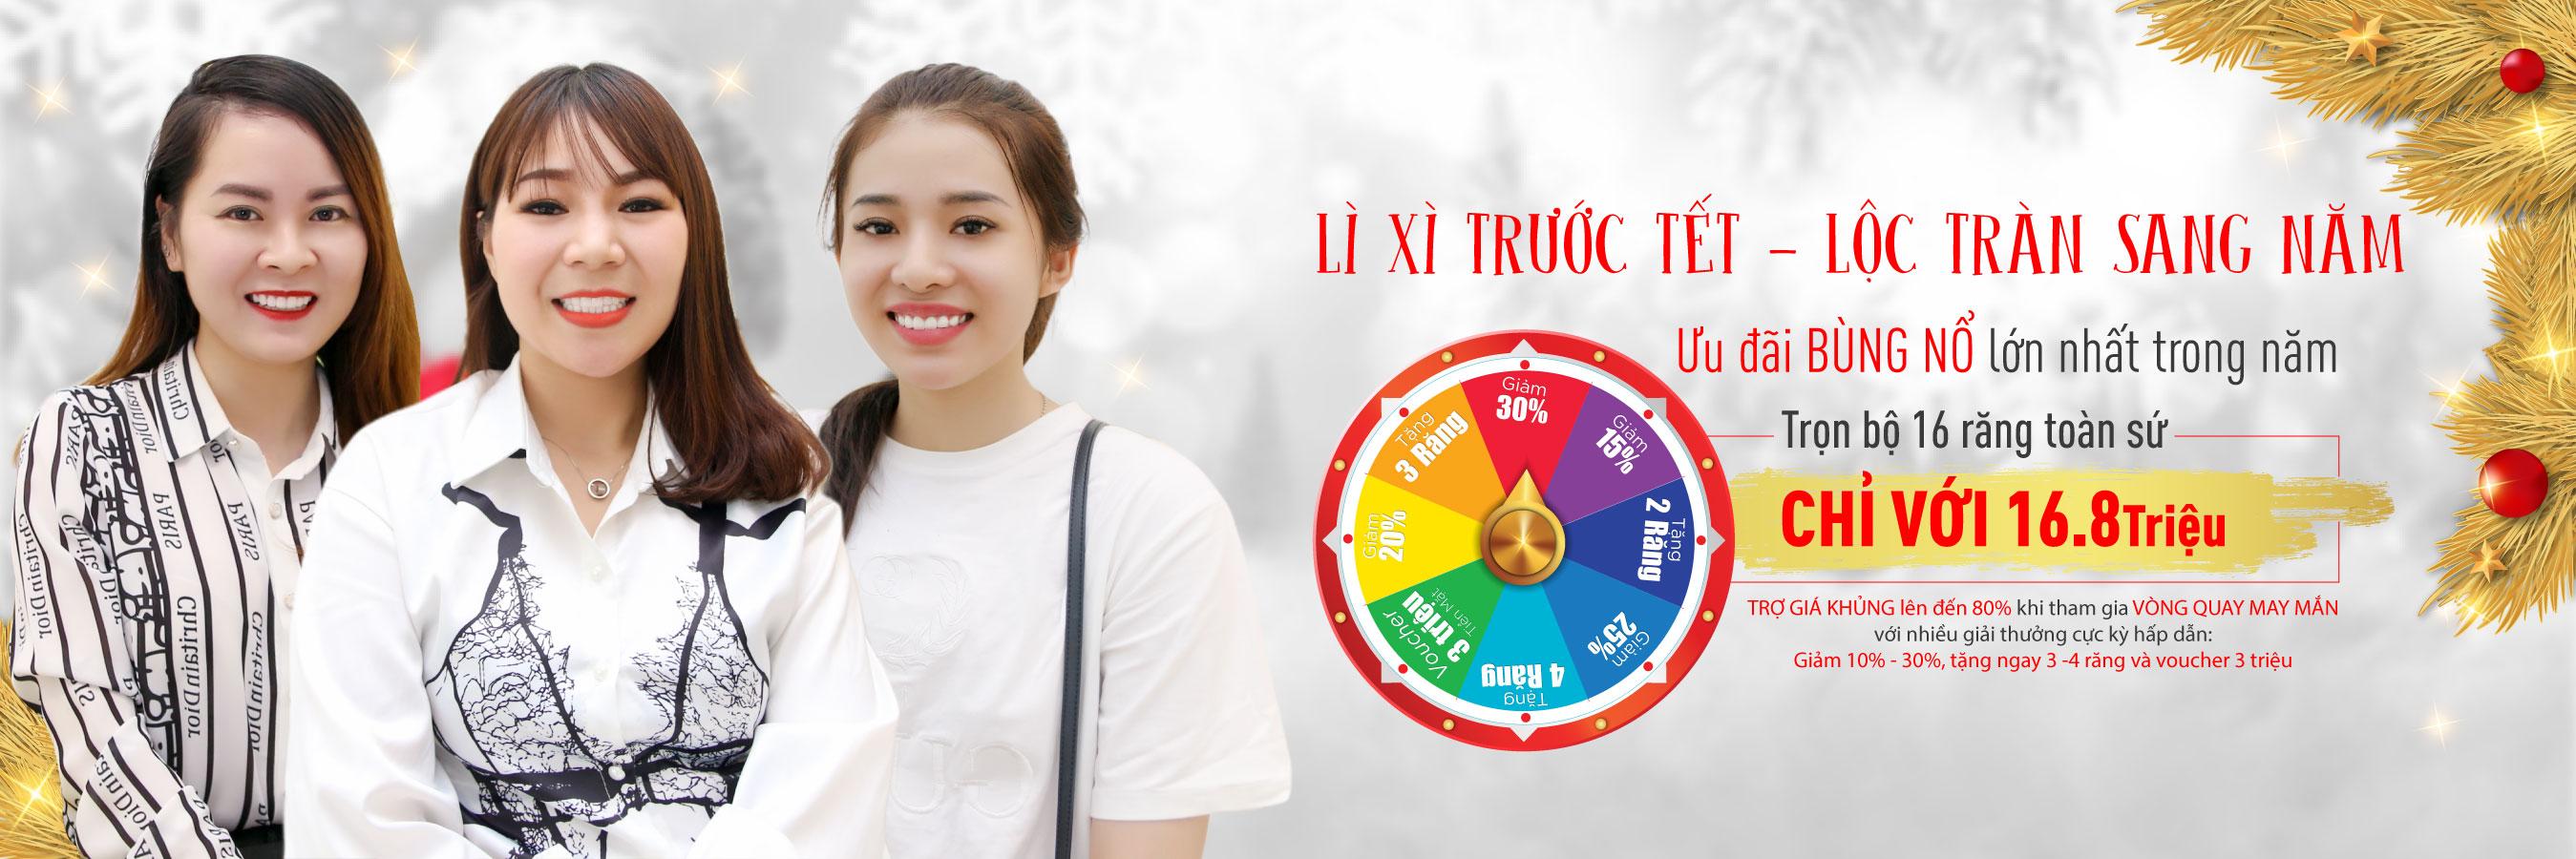 CHUONG-TRINH-NOEL-01